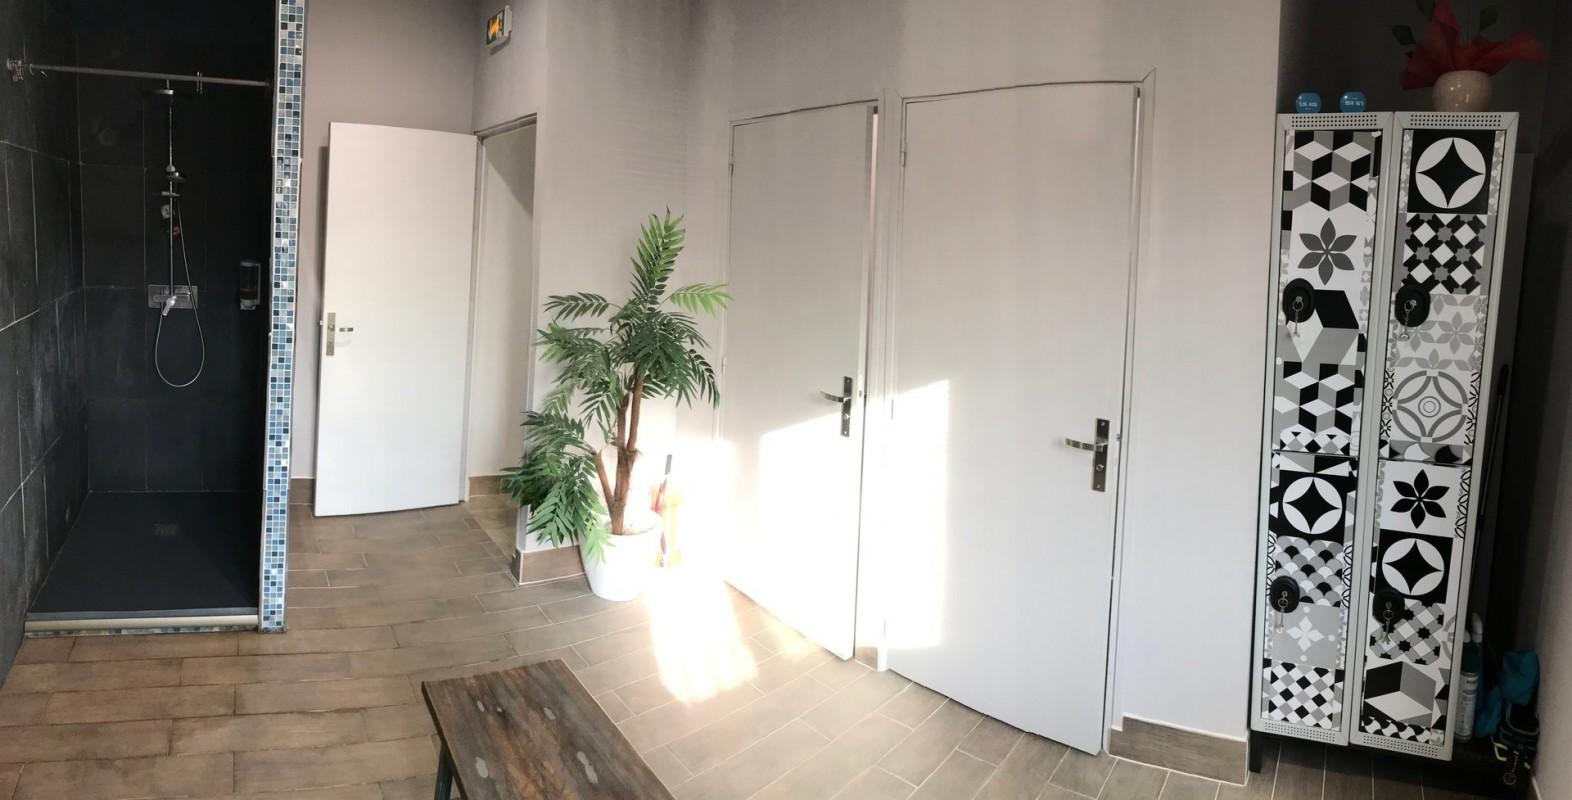 للبيع 105m² مكتب في فرنسا- فينلس- قائمة عقارات للبيع في فرنسا فينلس - لايف ان ريفييرا توفر جميع انواع العقارات 5.3.2020 29000 EUR 1707468 دفع الممتلكات في بيتكوين